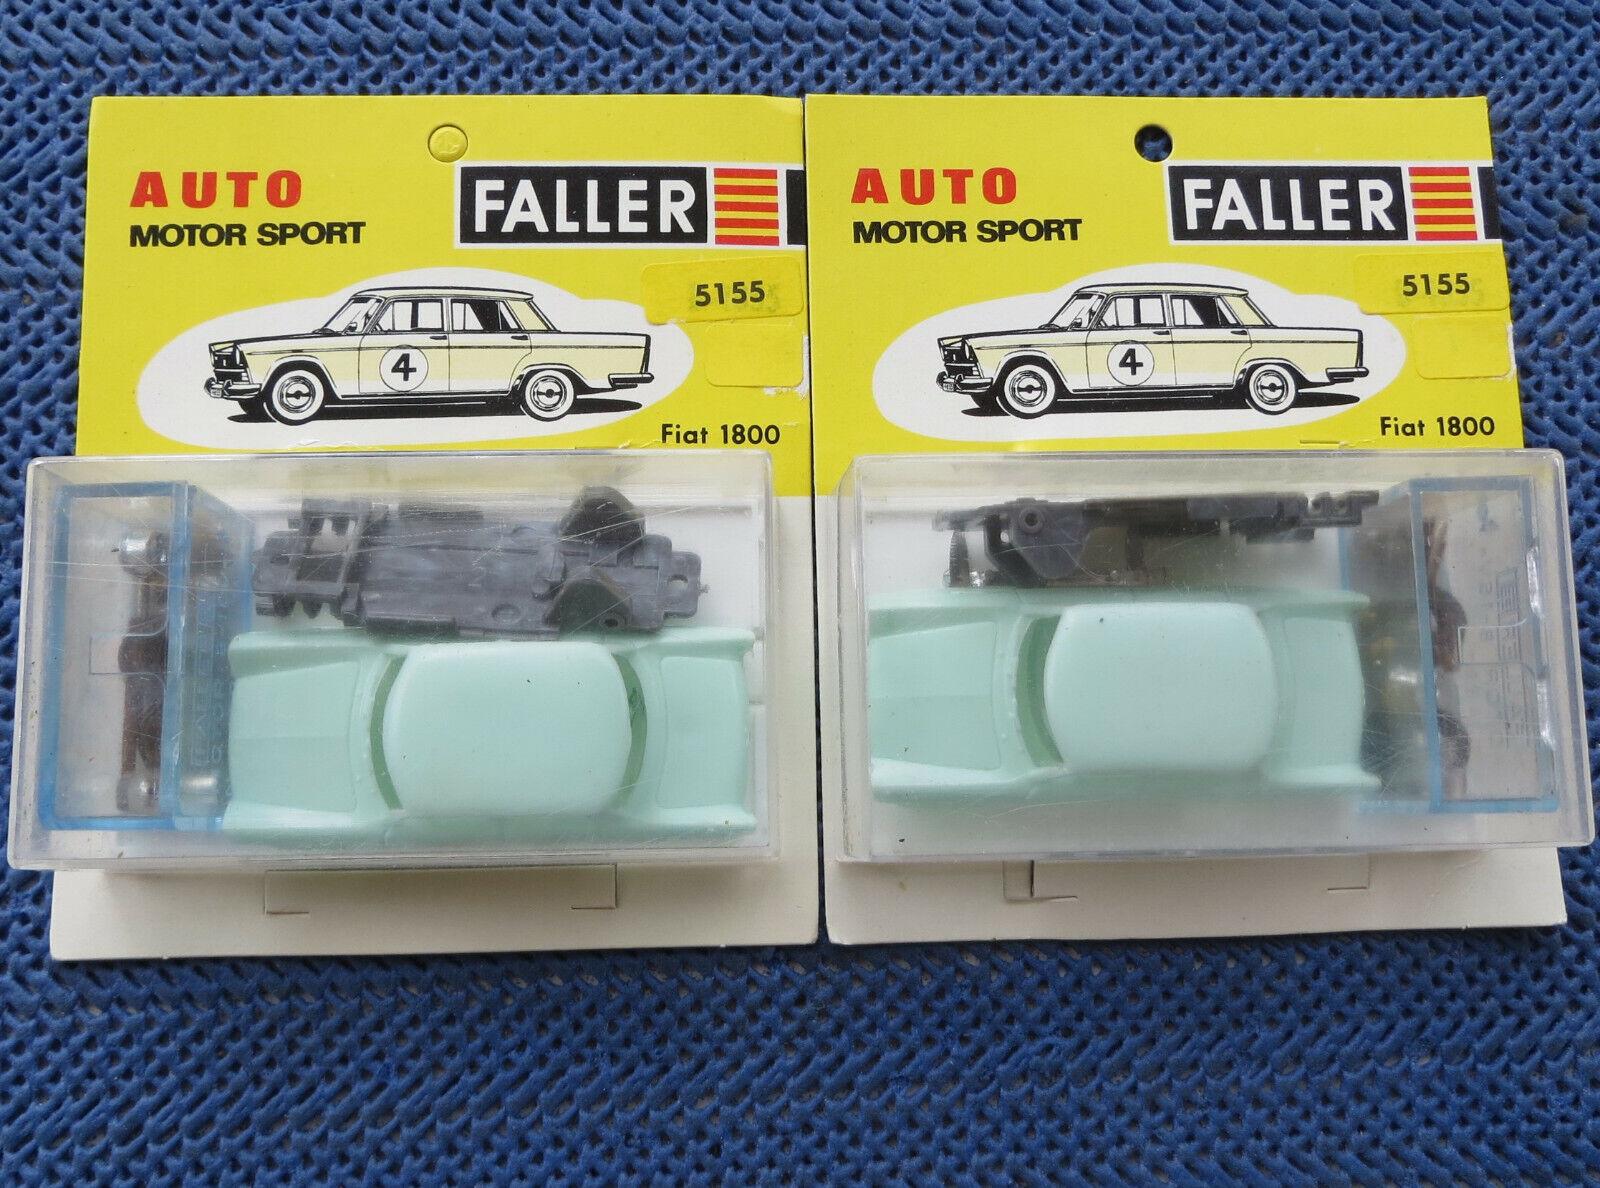 Faller Ams 5155 -- 2X Fiat 1800 1800 Construcción  precio razonable